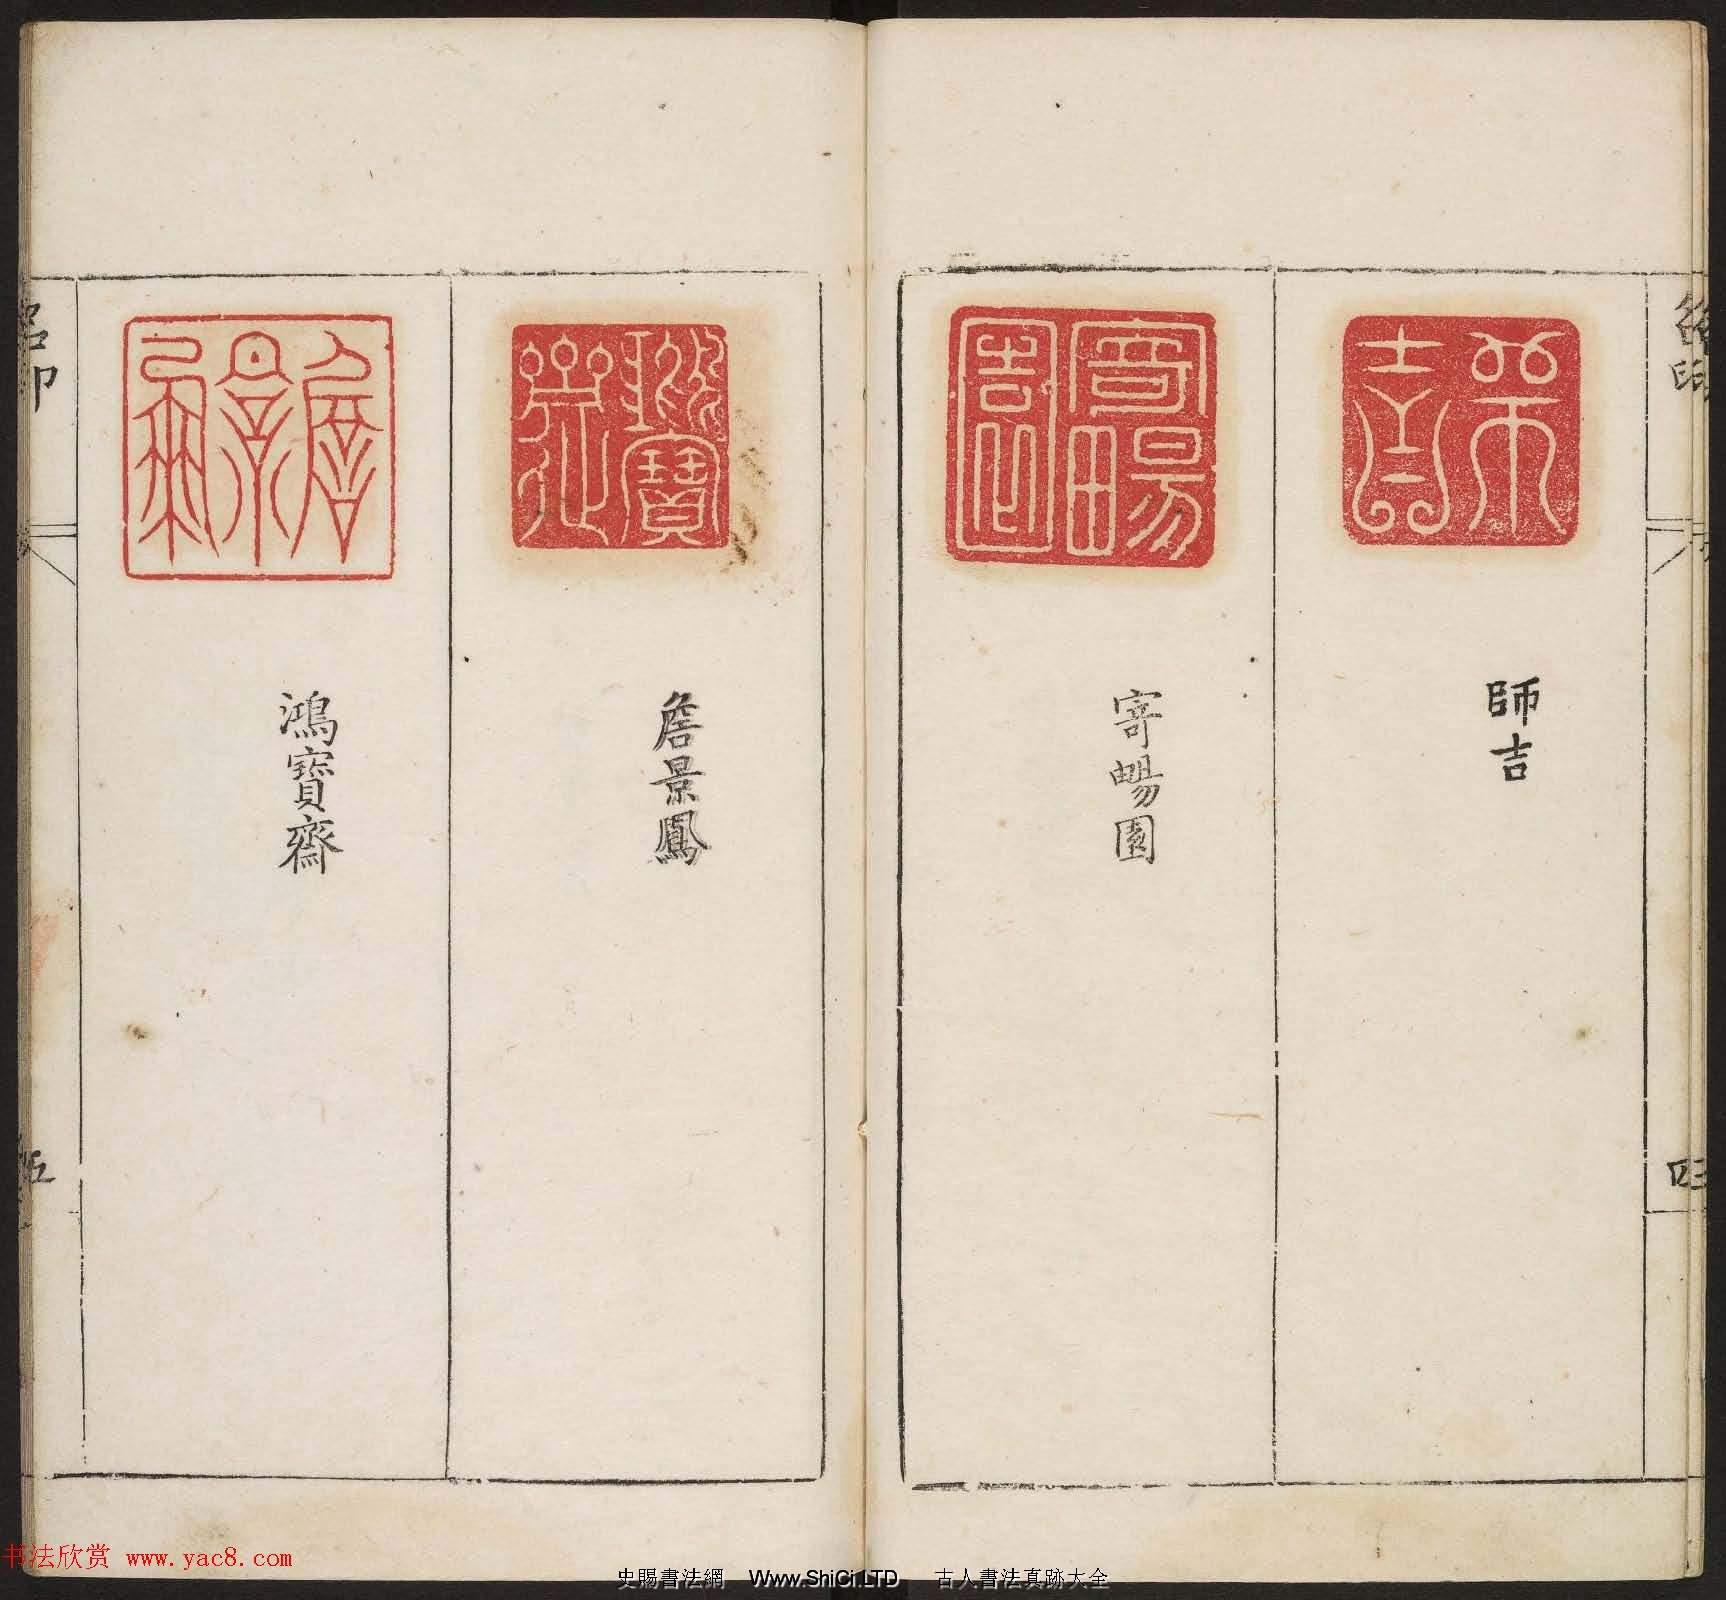 明代篆刻作品欣賞《古今印則》四卷合輯